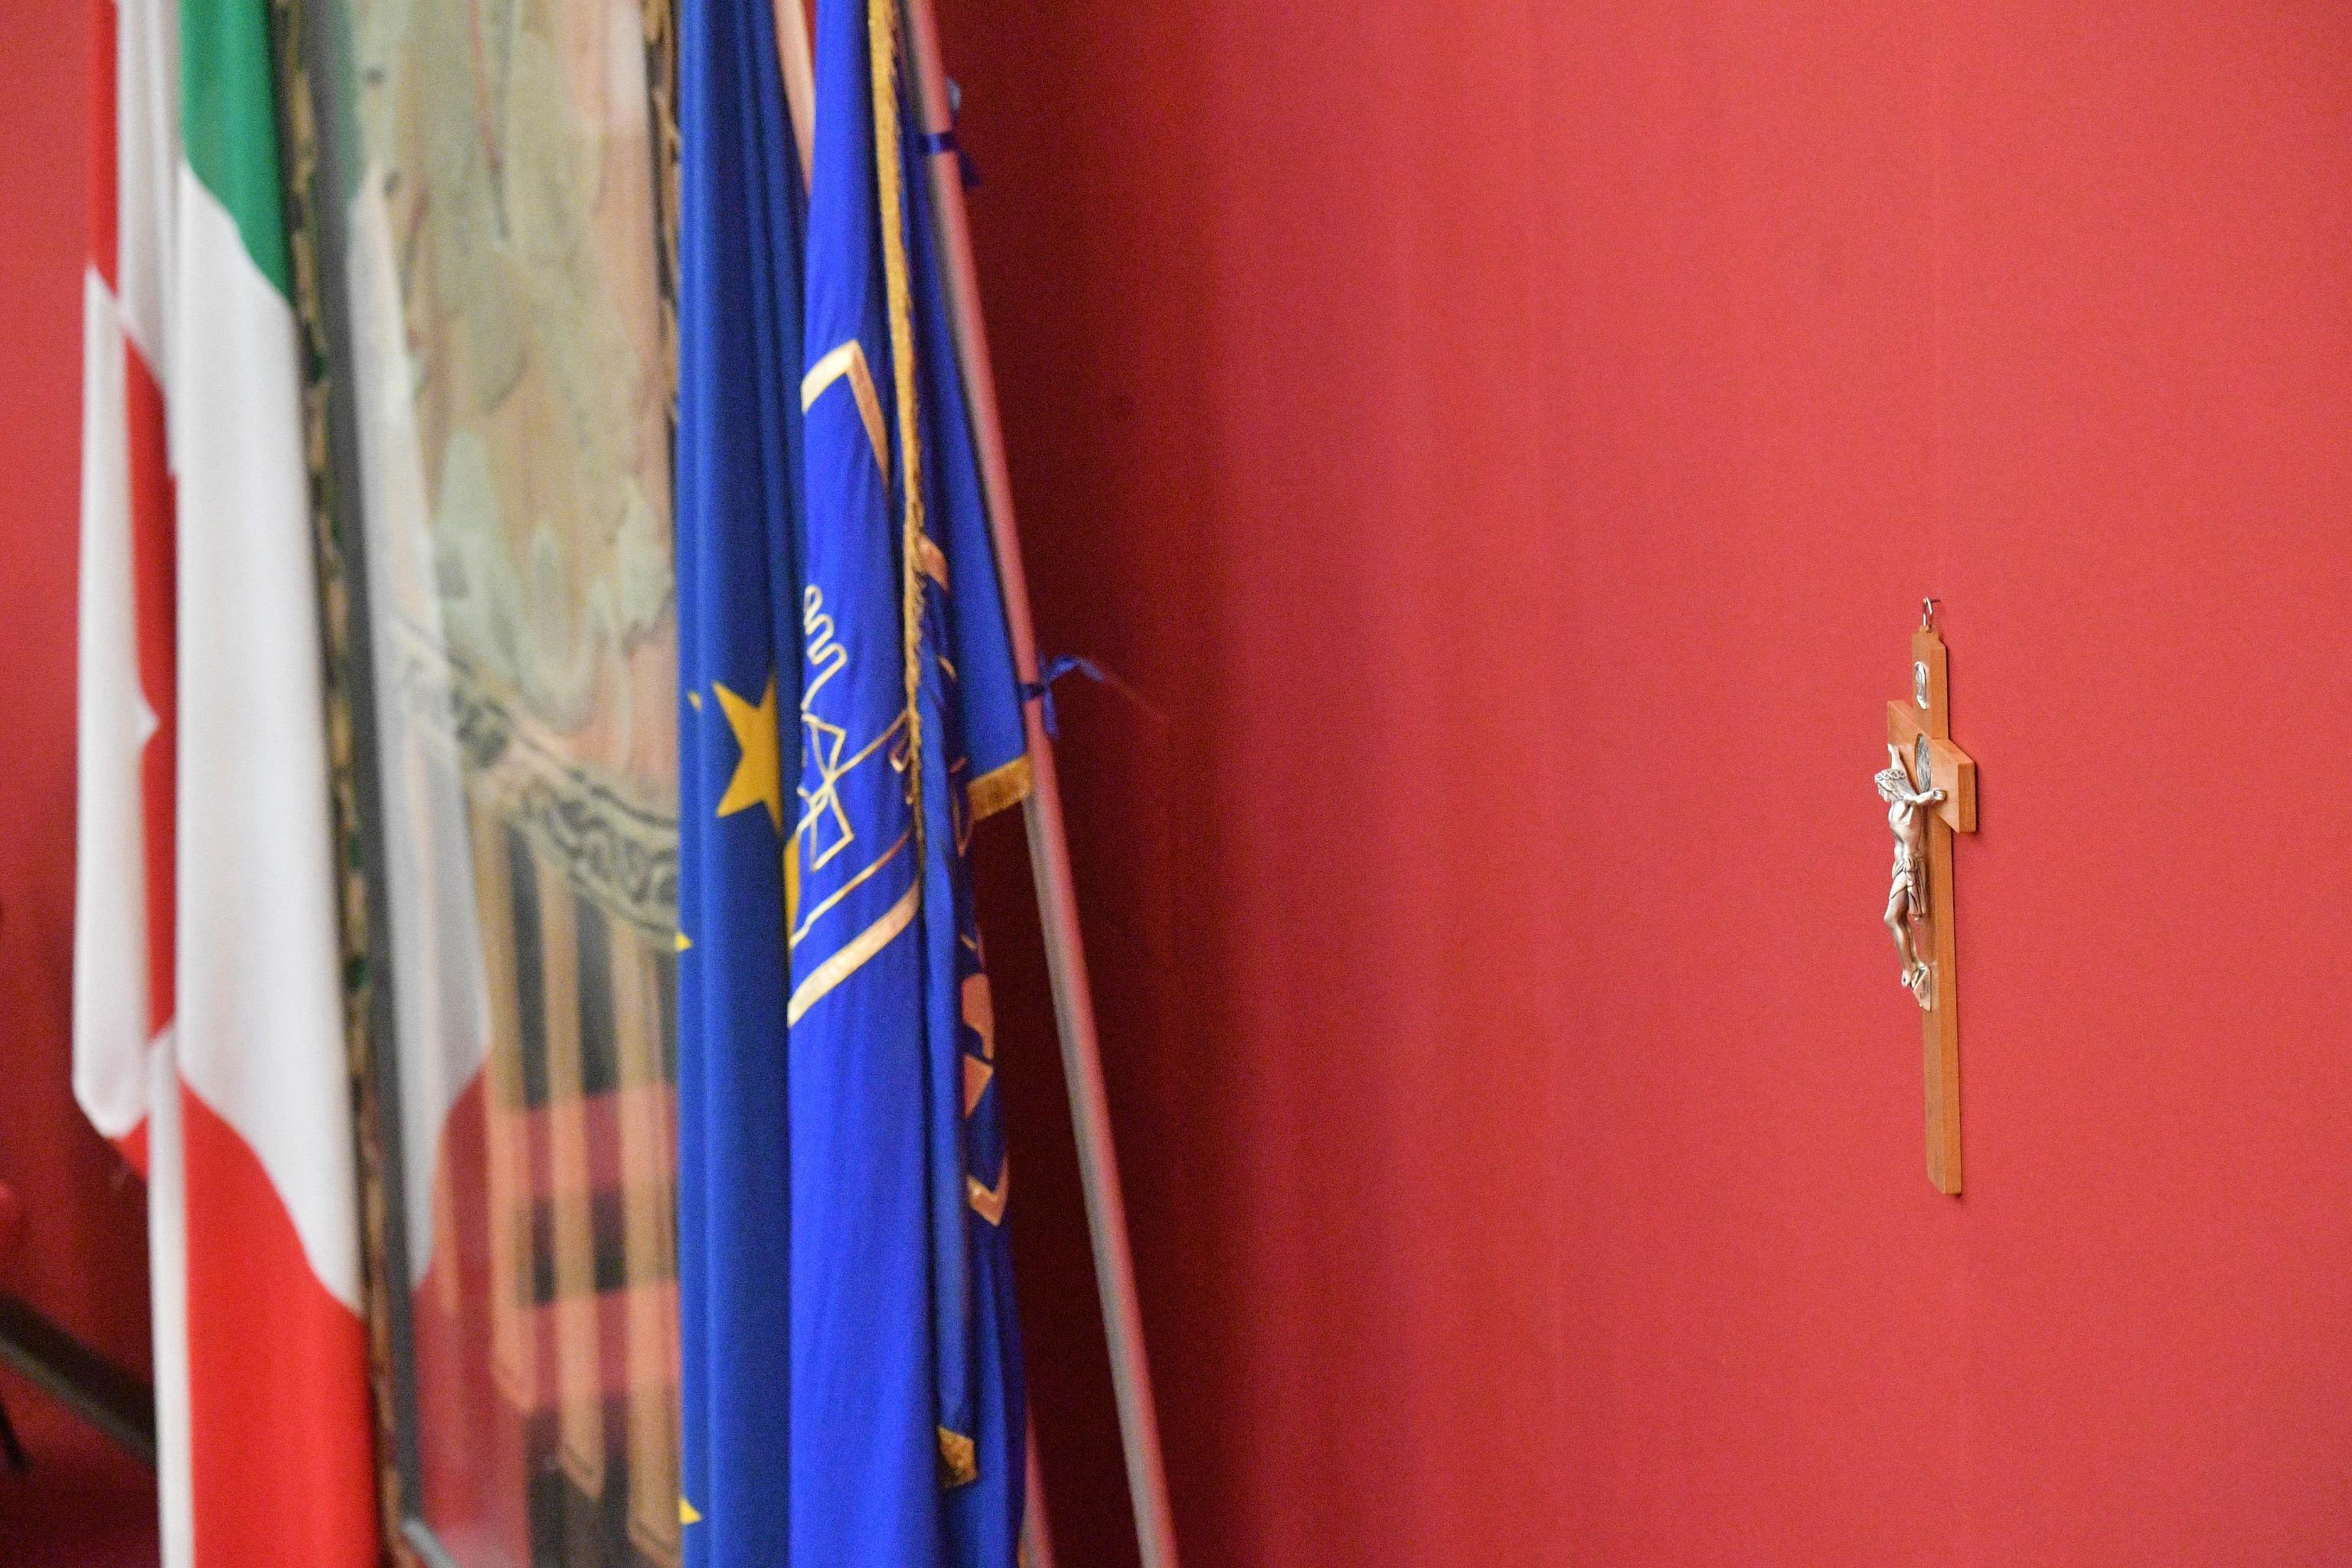 Crocifisso affisso in Comune a Genova